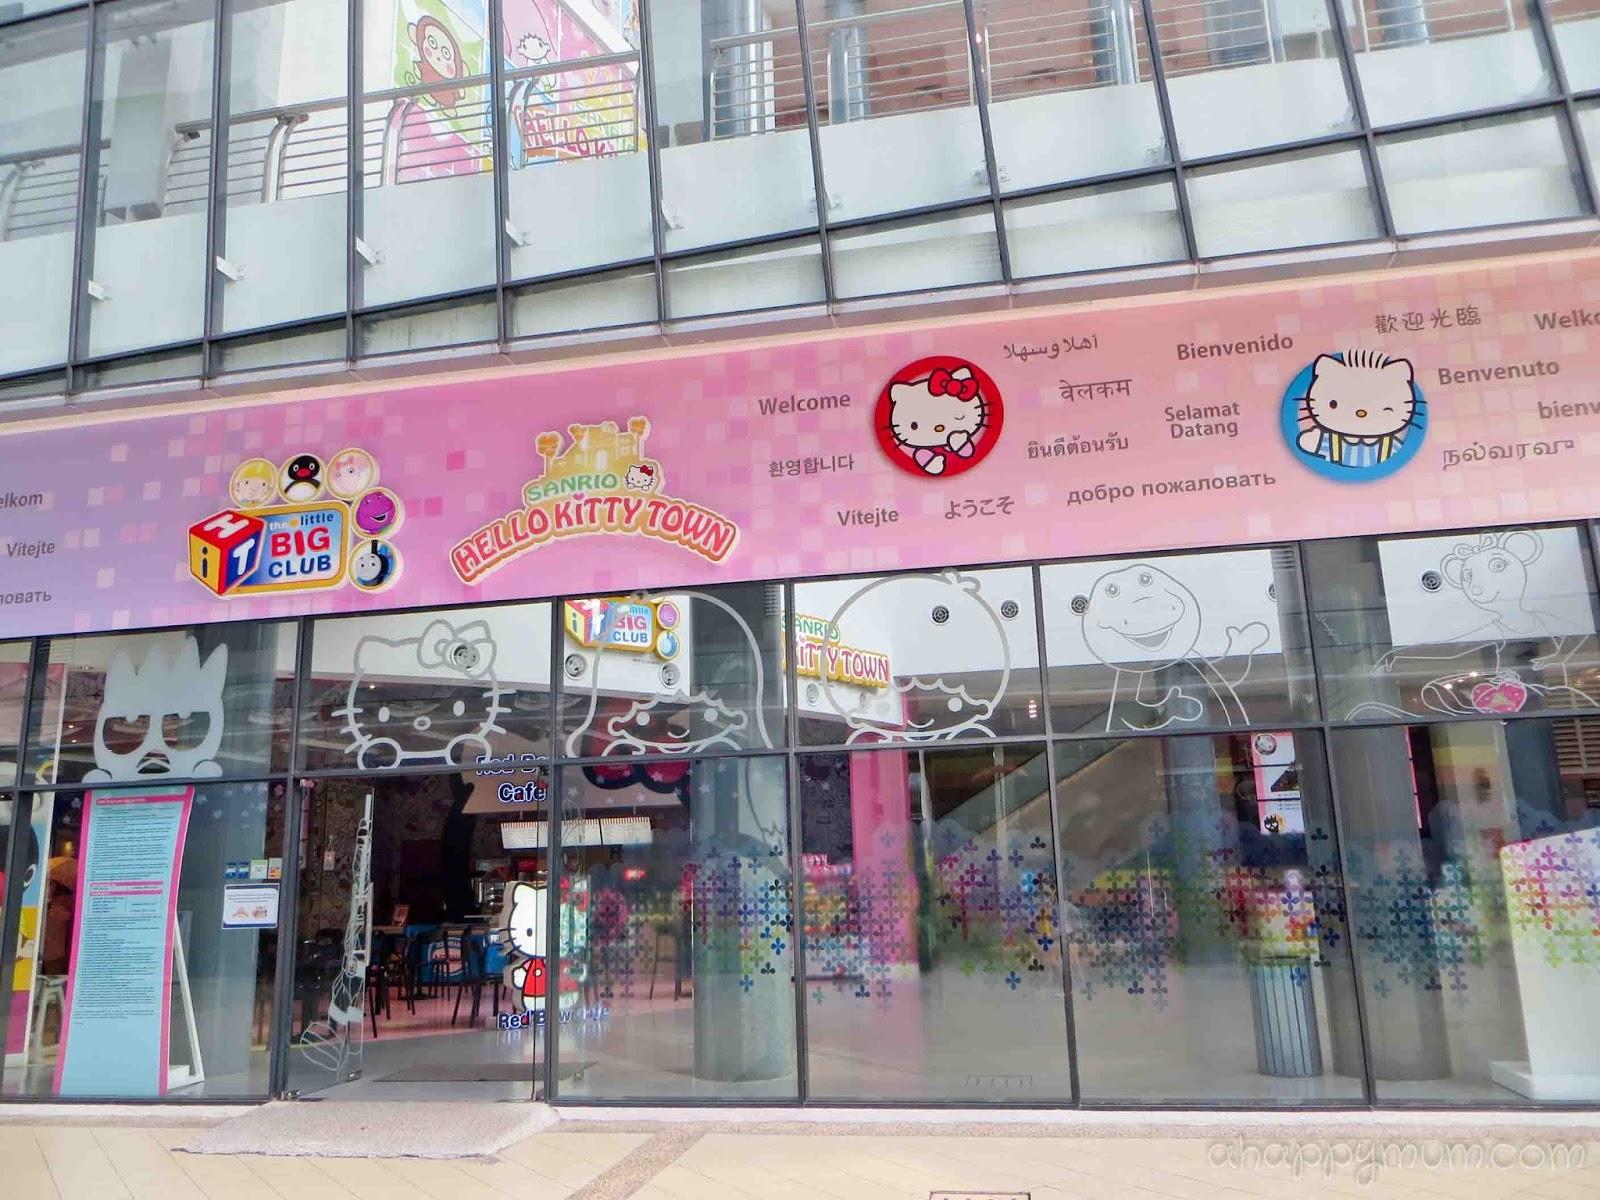 Hello kitty town puteri harbour family theme park johor bahru malaysia - Girly Fun At Sanrio Hello Kitty Town